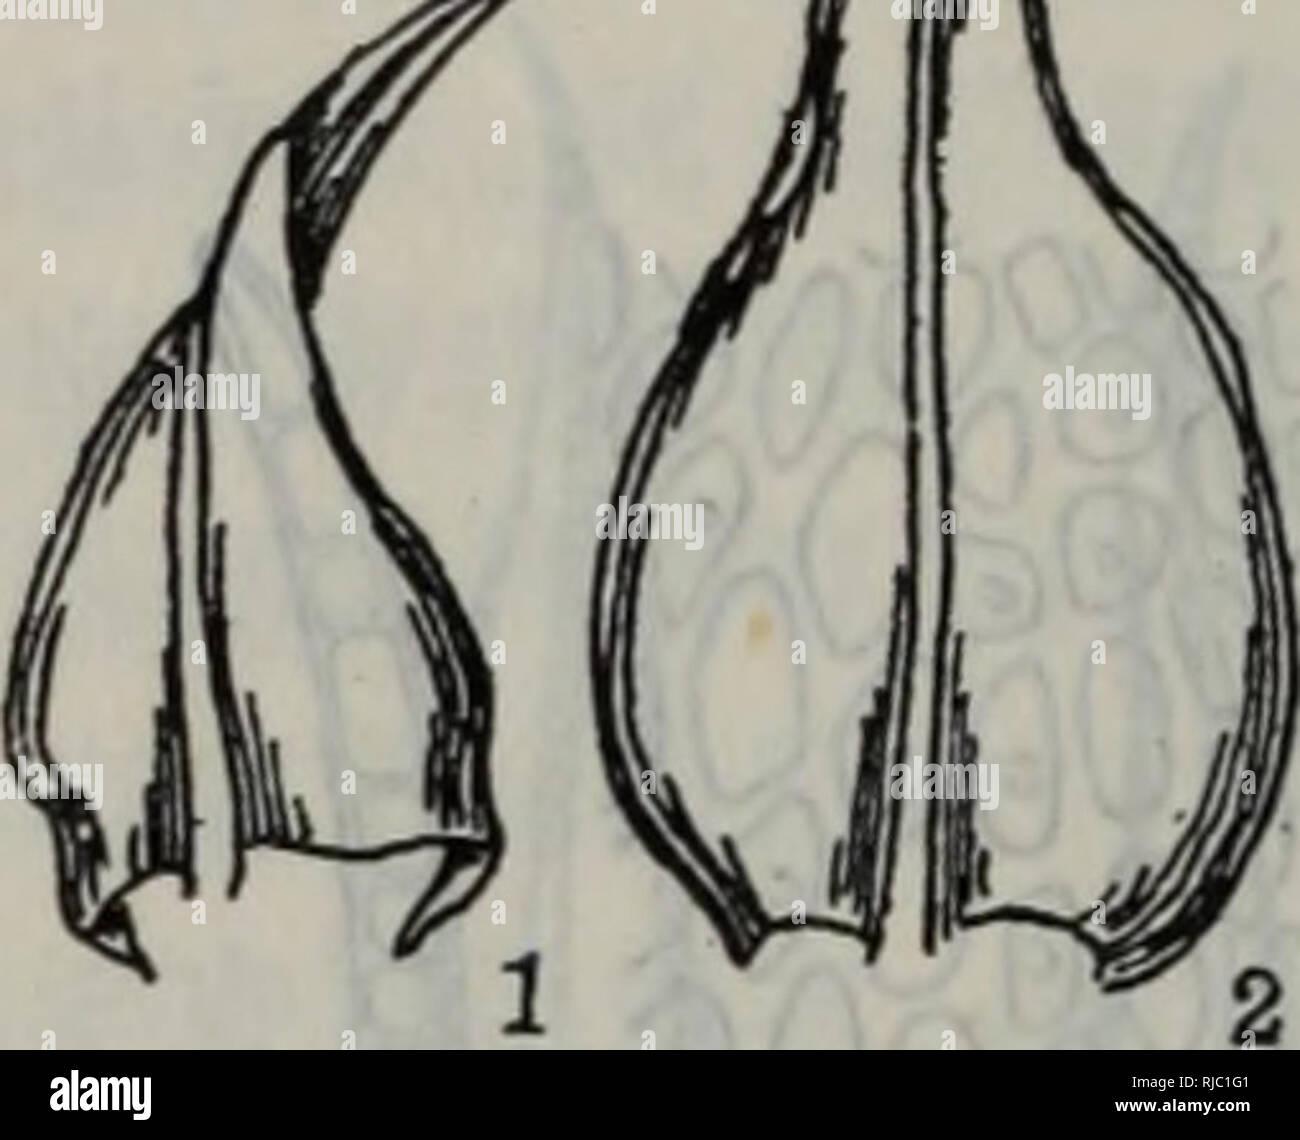 . chang jiang san jiao zhou ji lin jin di qu bao zi zhi wu zhi é¿æ±ä¸è§æ´²åé»è¿å°åºå-¢å-æ¤ç©å¿. botany. é¿0.4ã0.6mm,å¶å¹³å±ï¼ä¸-èç»å¼±ãééå¼æ ªï¼æ±è´é¿U5ã2.5mmãç¯å¸¦ä¸¤æç»èãè´ é½¿ä¸é¢å¹³æ»ï¼å è´é½¿ä¸-èä¸è§åæéåãå-¢å-ç´å¾13ã17 tim,å ·ç»åºã 产äºæ±èèå·ã常çèå±±ãçäºæ å¹²ä¸æ岩é¢ã åå¸äºä¸åå西åï¼æ¥æ¬ãäºæ´²ä¸-é¨ãèèå欧洲ã å¤æ¯èå±Lescuraea B. S. G. æ¬å±çº¦4ç§ï¼æå½å·²ç¥3ç§ï¼æ¬å°åºç°æ1ç§ã . 129.弯å¶å¤æ¯èï¼åèï¼ï¼å¾17â92) Lescuraea incurvata (Hedw.) Lawt. å¾17 â92 弯å¶å¤æ¯èLescuraea incurvata 1.èå¶ï¼X35) 2.å¶ä¸-é¨ç»èï¼X 385) 3.æ± è ï¼X15) å¾F â93 æèèPseudoleskeopsis zippelii 1.èå¶ï¼X23) 2.æå¶ï¼X23) 3.å - Stock Image